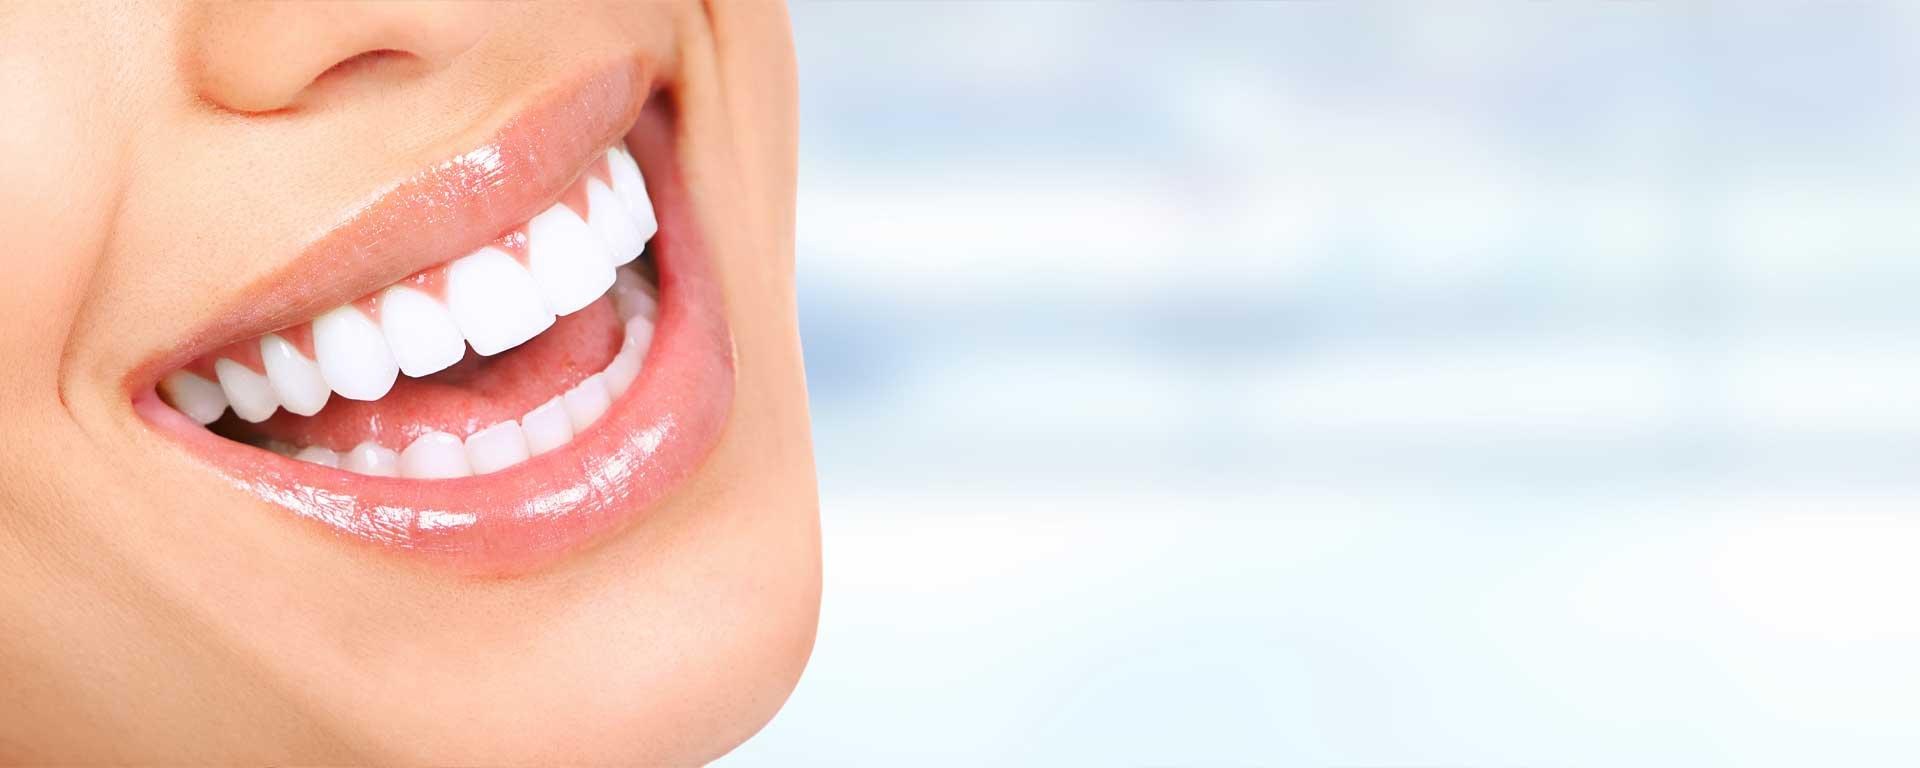 Eden Shores Dental Care Comprehensive Dental Exam